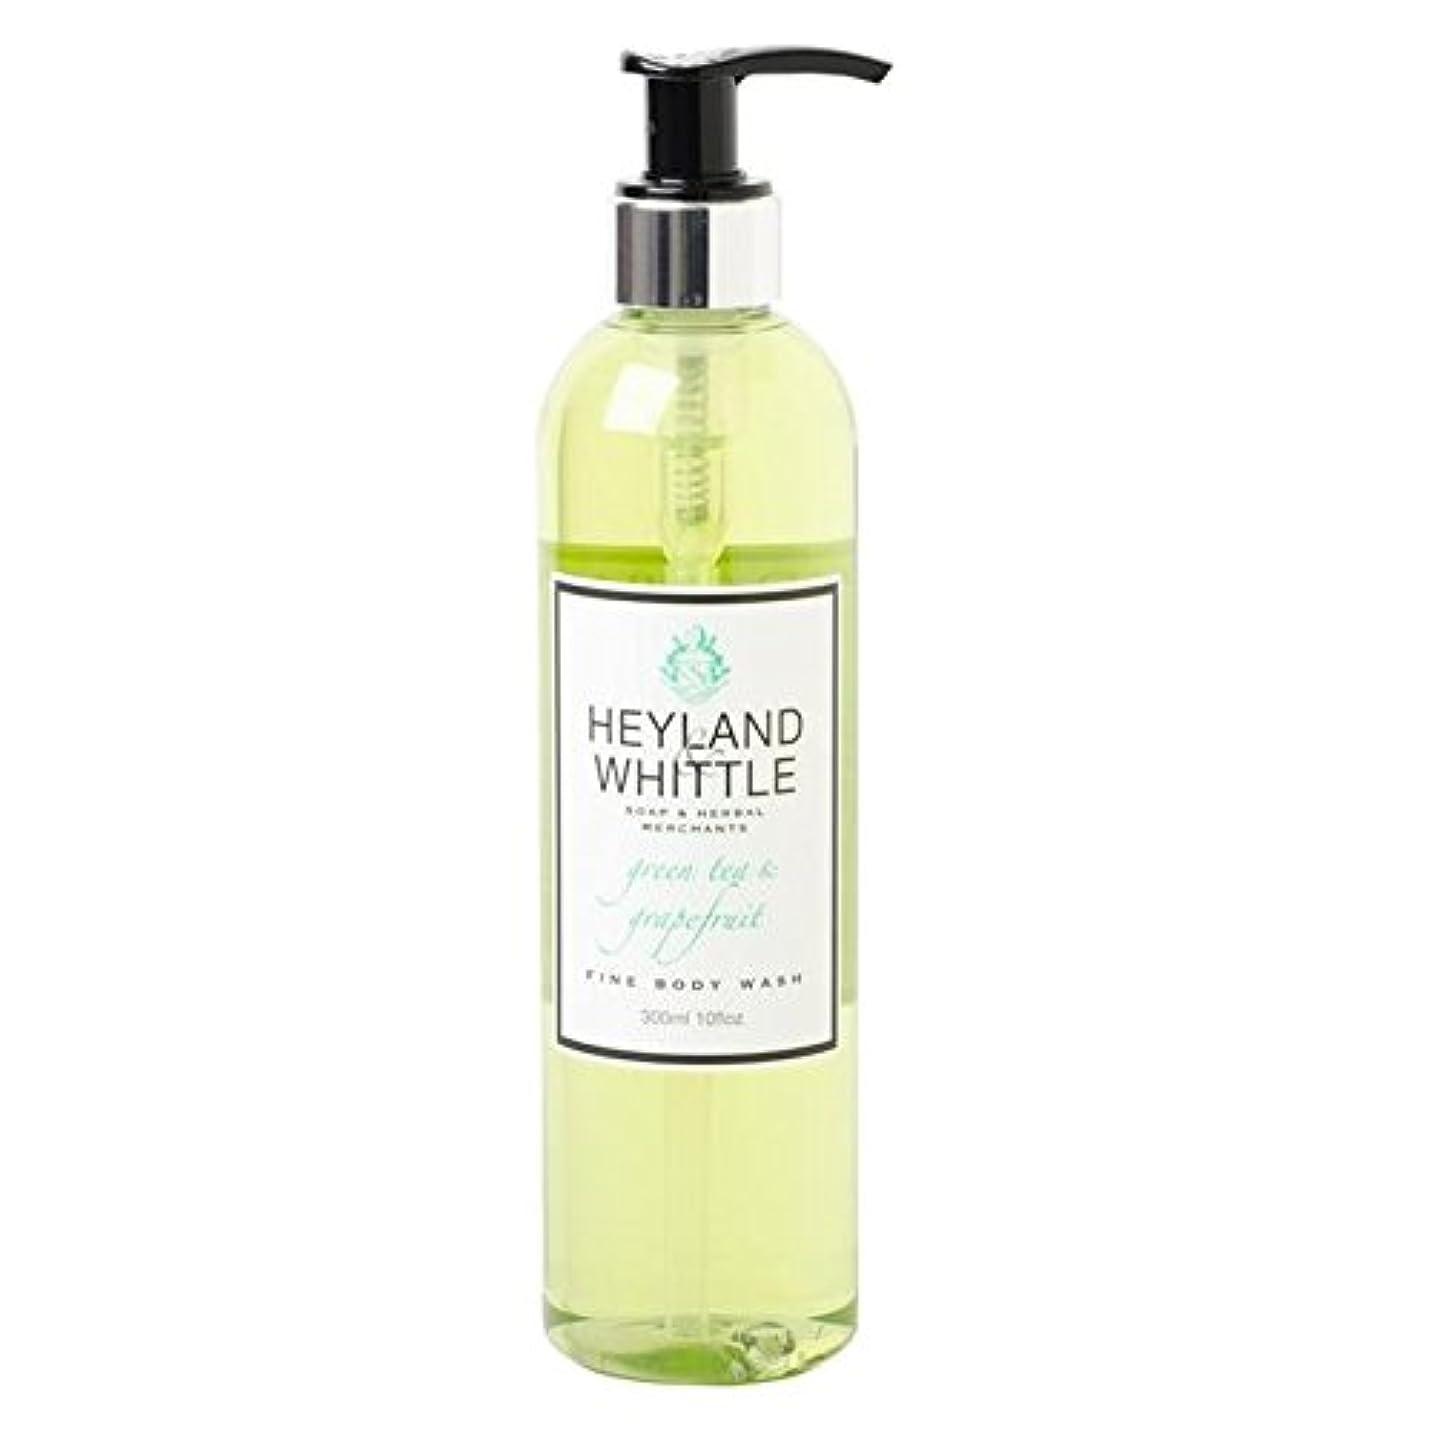 フック提唱するズームインするHeyland & Whittle Greentea & Grapefruit Body Wash 300ml - &削るグリーンティ&グレープフルーツボディウォッシュ300ミリリットル [並行輸入品]